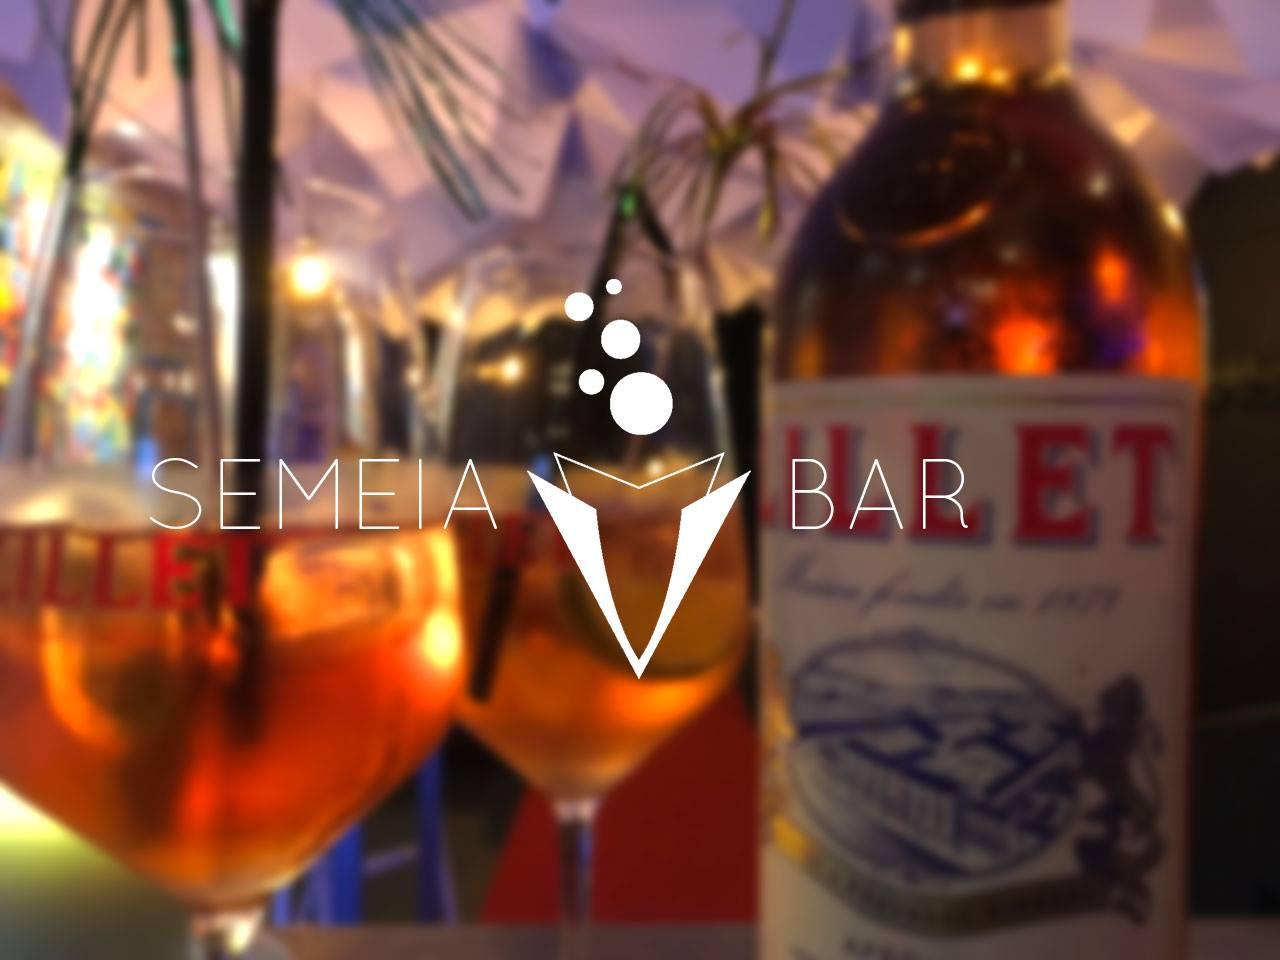 Aujourd'hui, le Semeia Bar aurait eu 5 ans